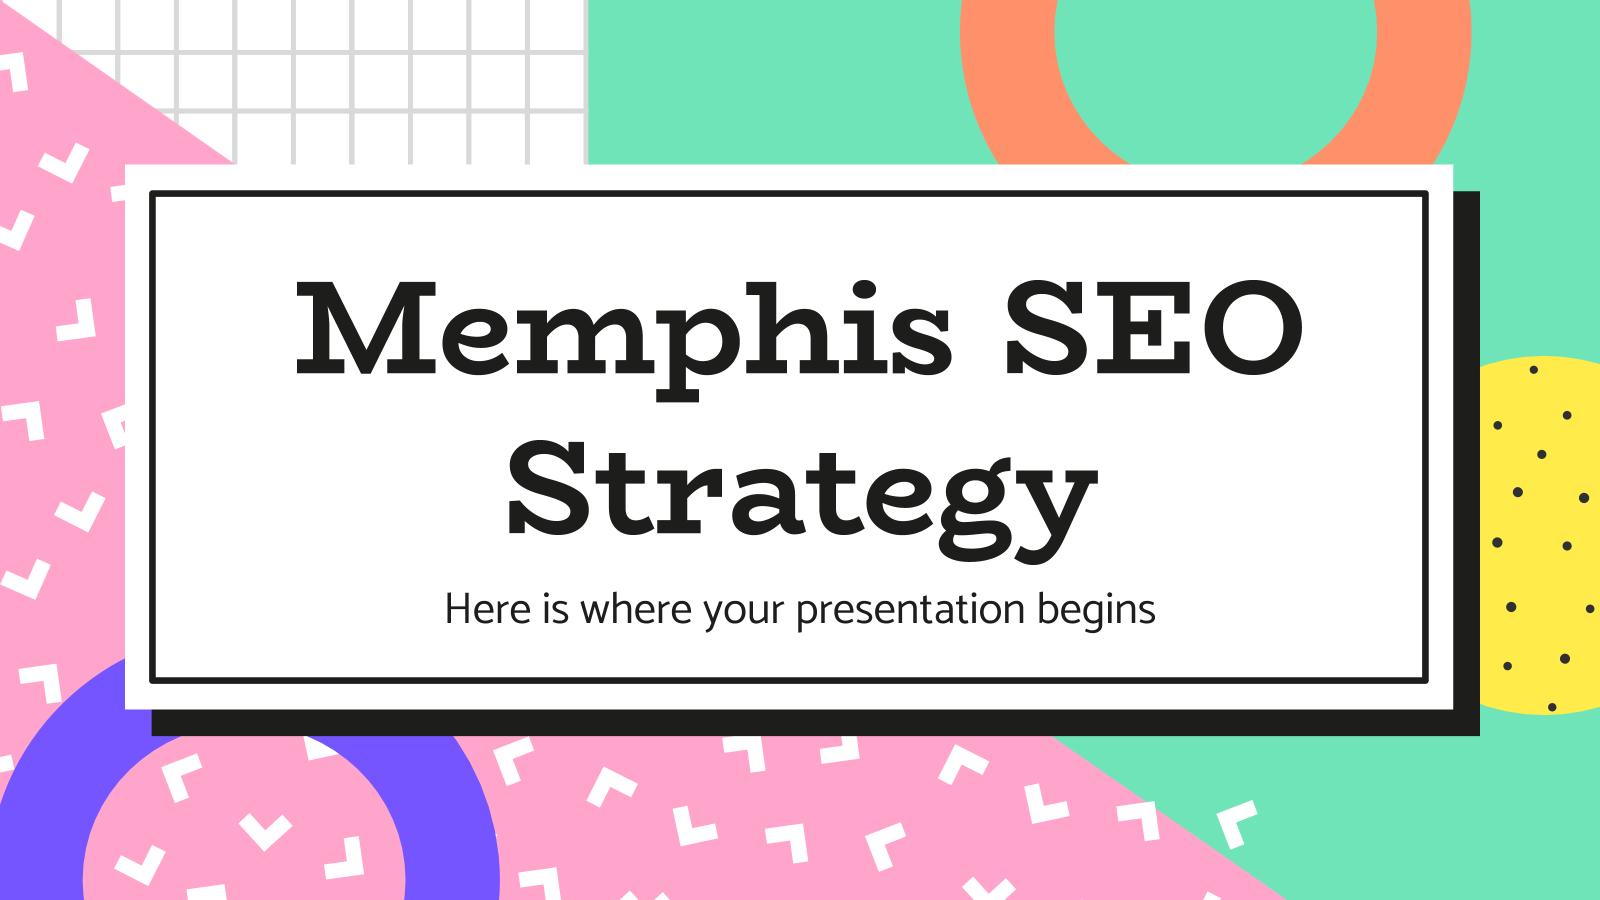 Stratégie de référencement Memphis : Modèles de présentation